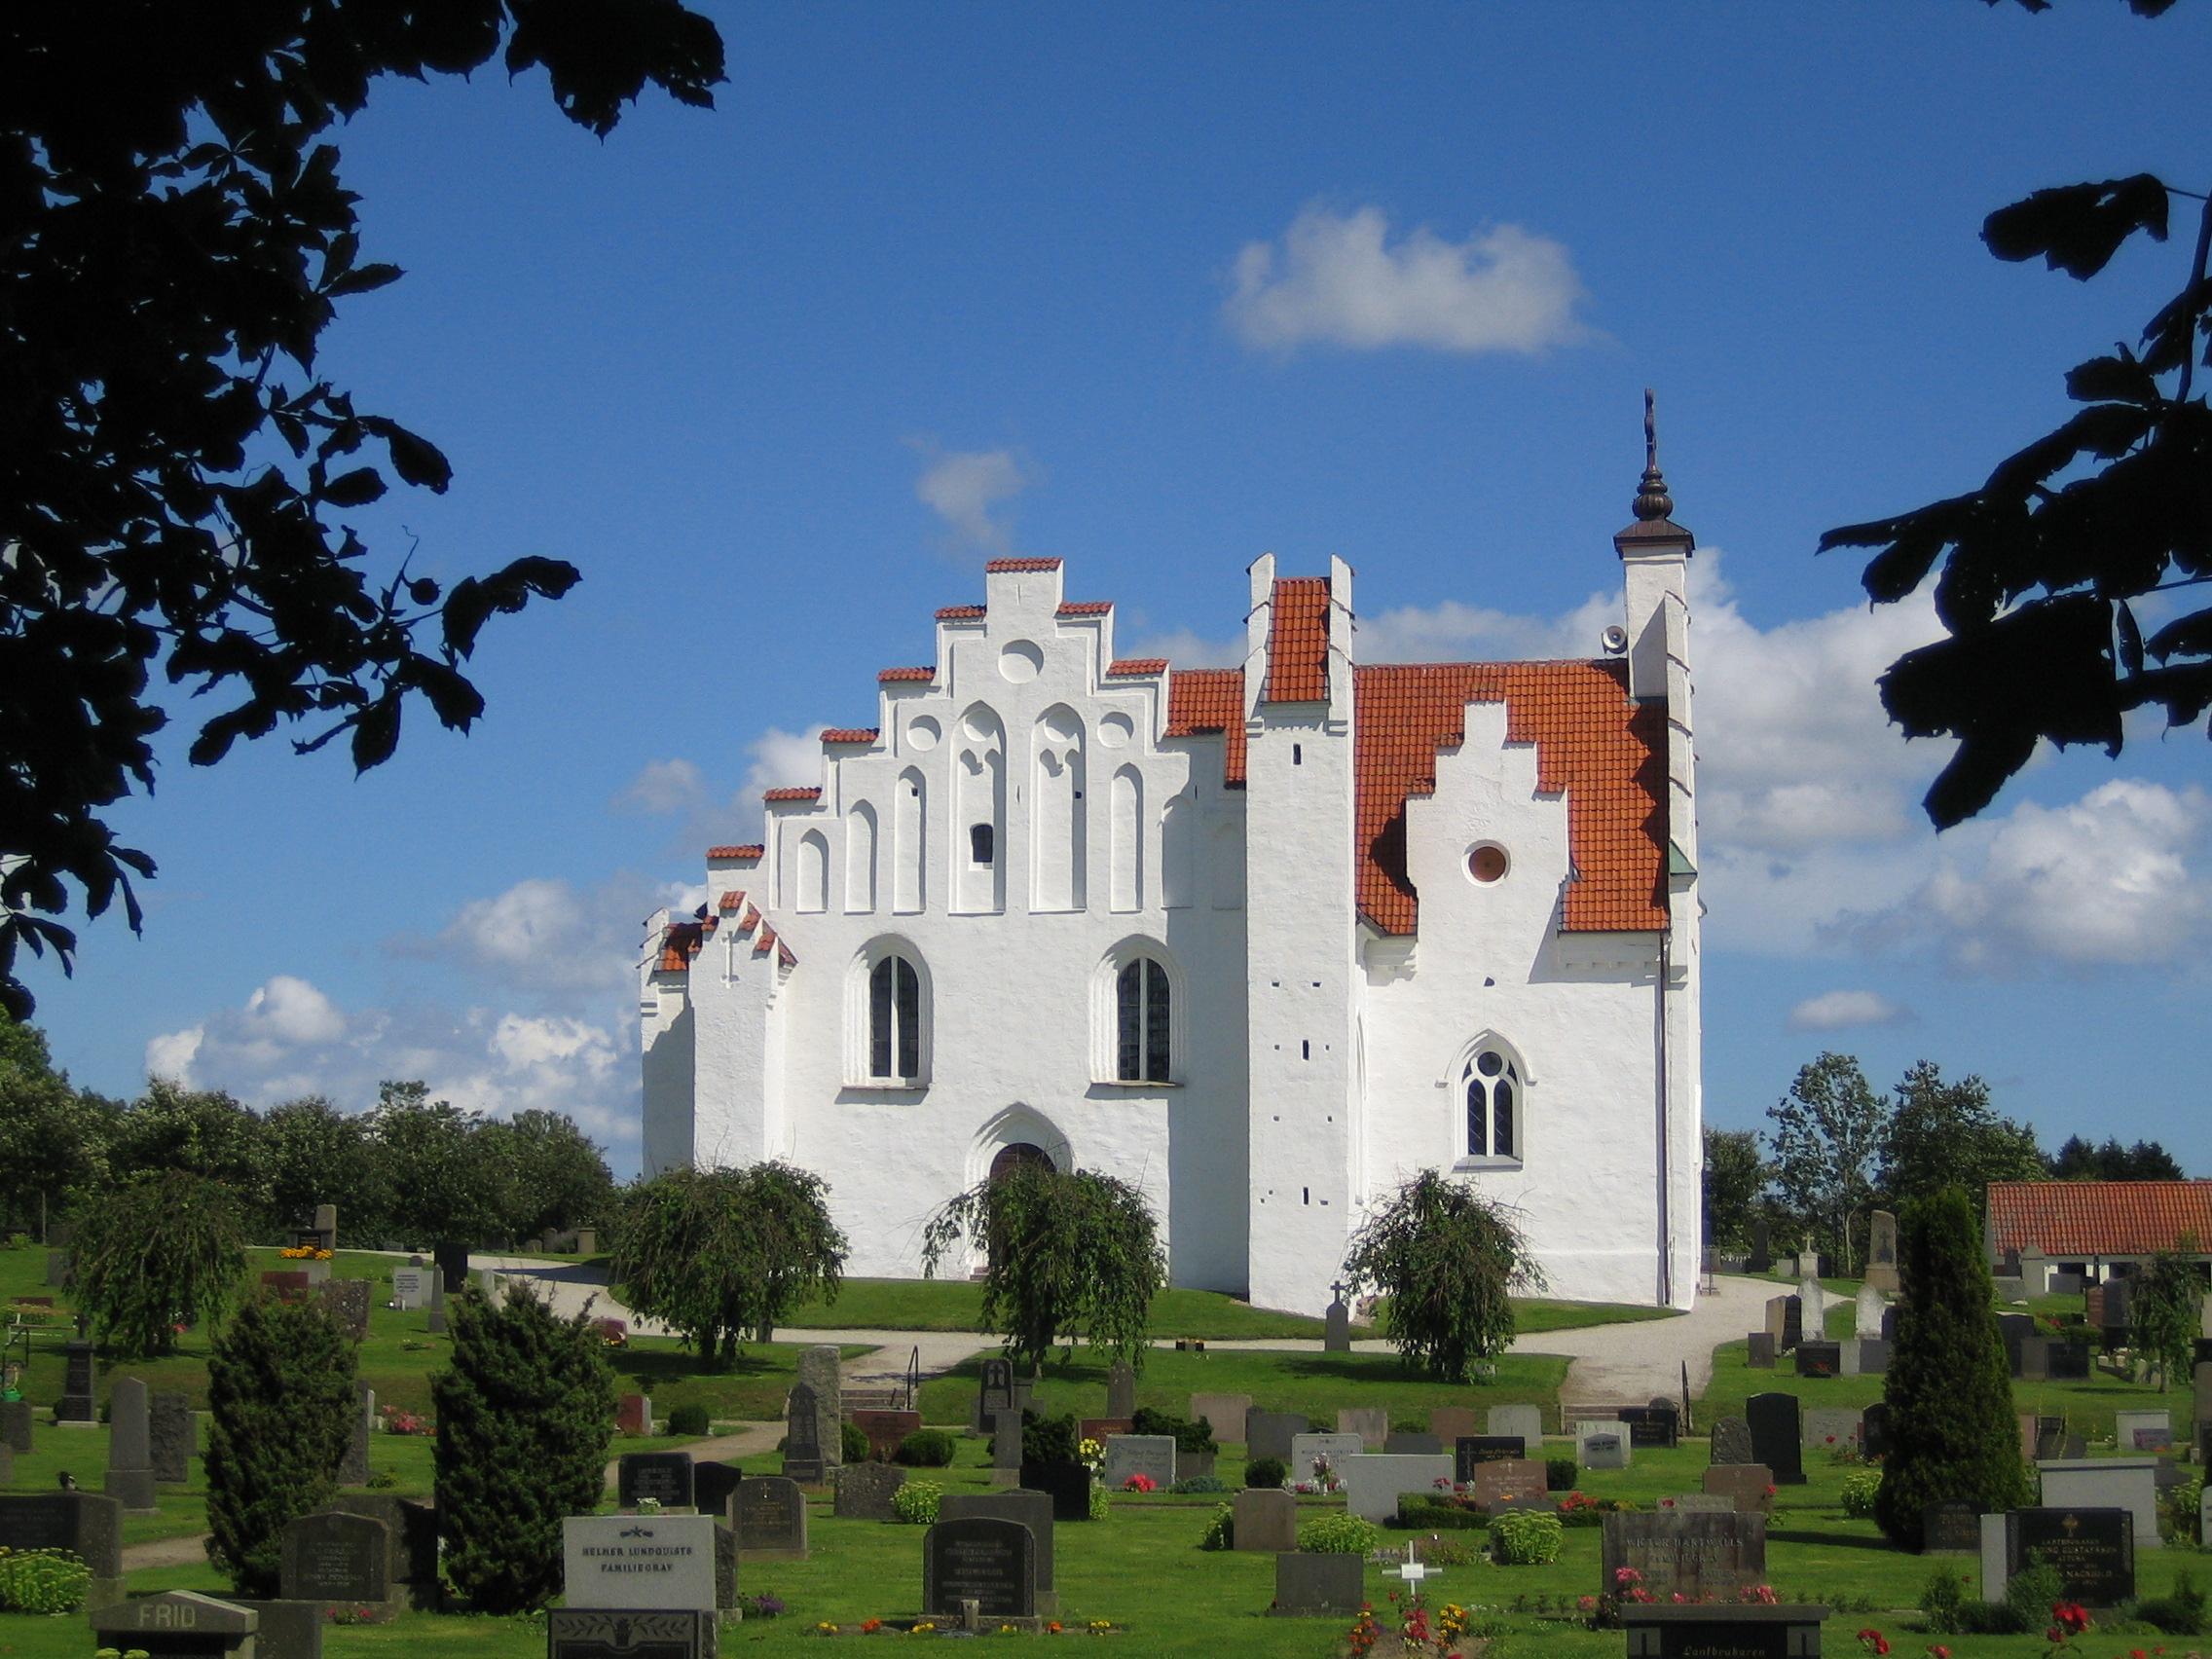 Bild av Sankt Olofs kyrka. Foto: Jorchr / GFDL